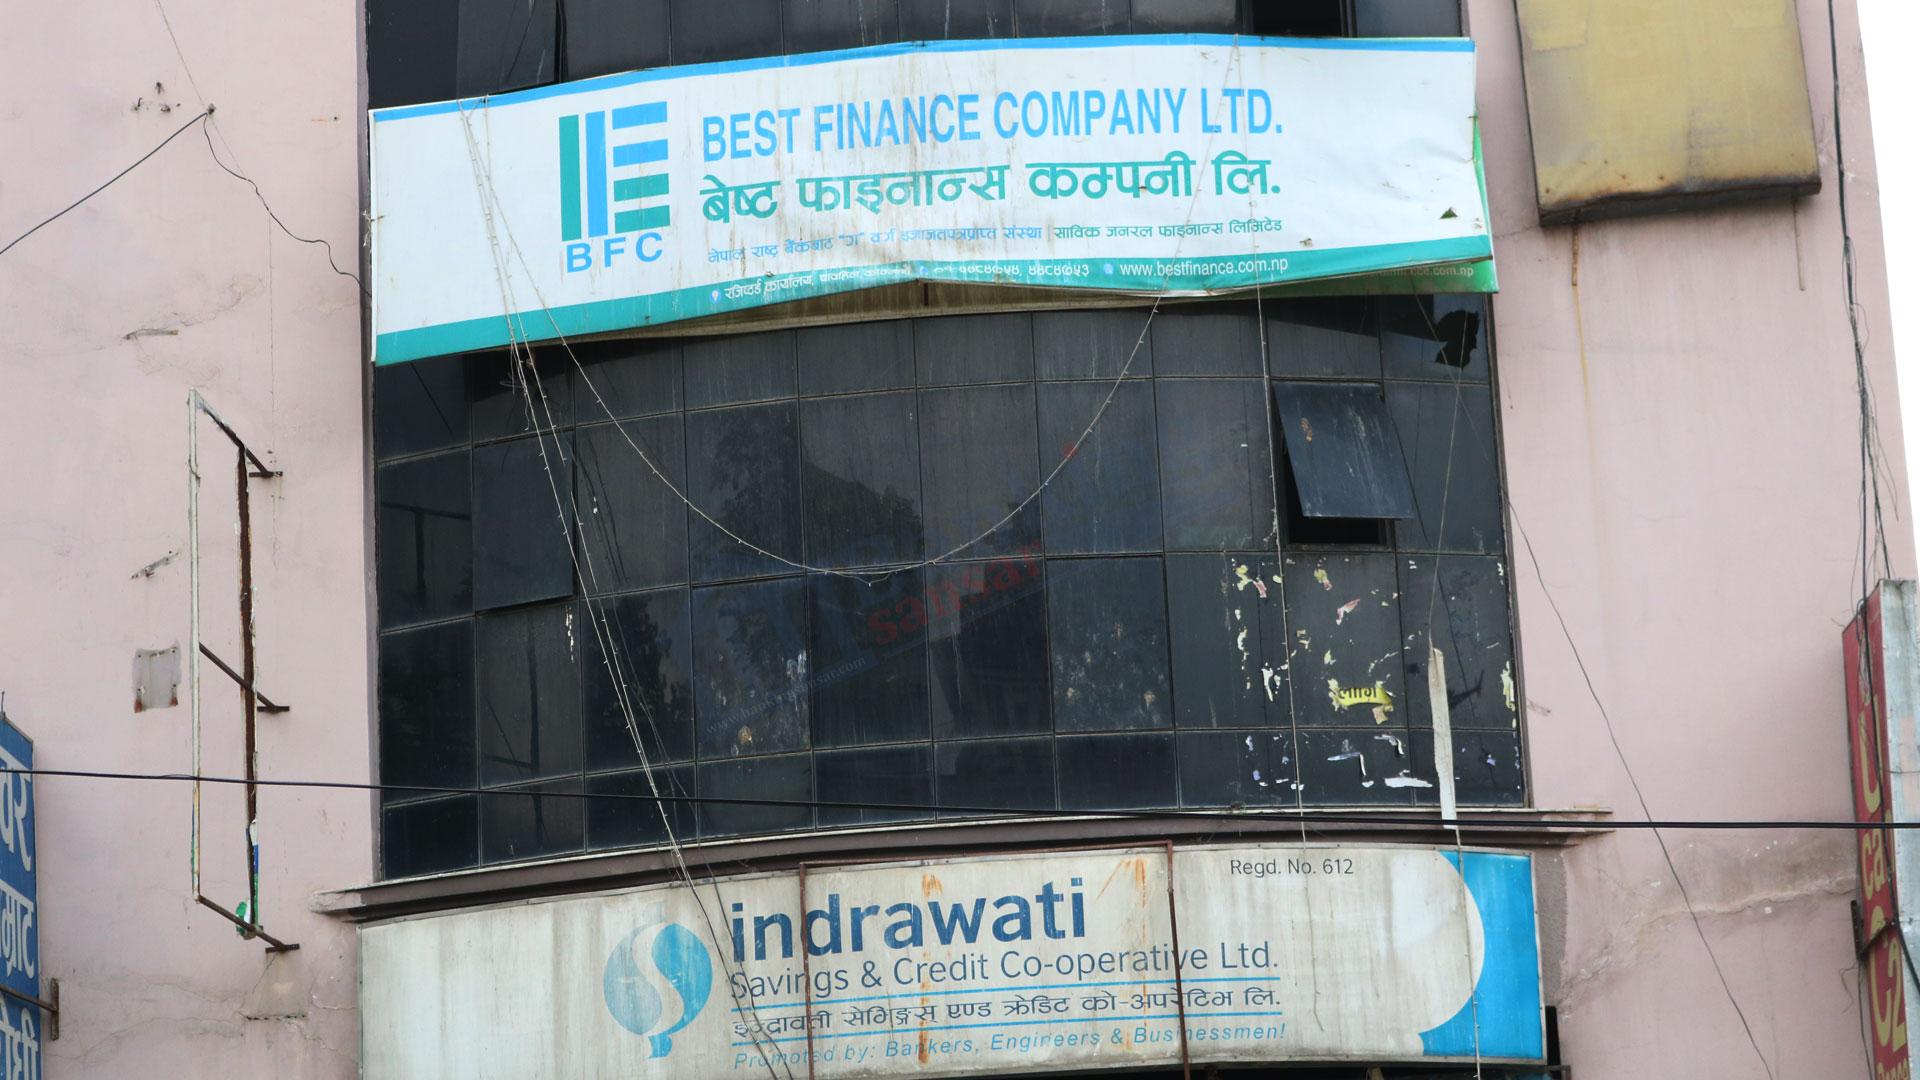 Best Finance